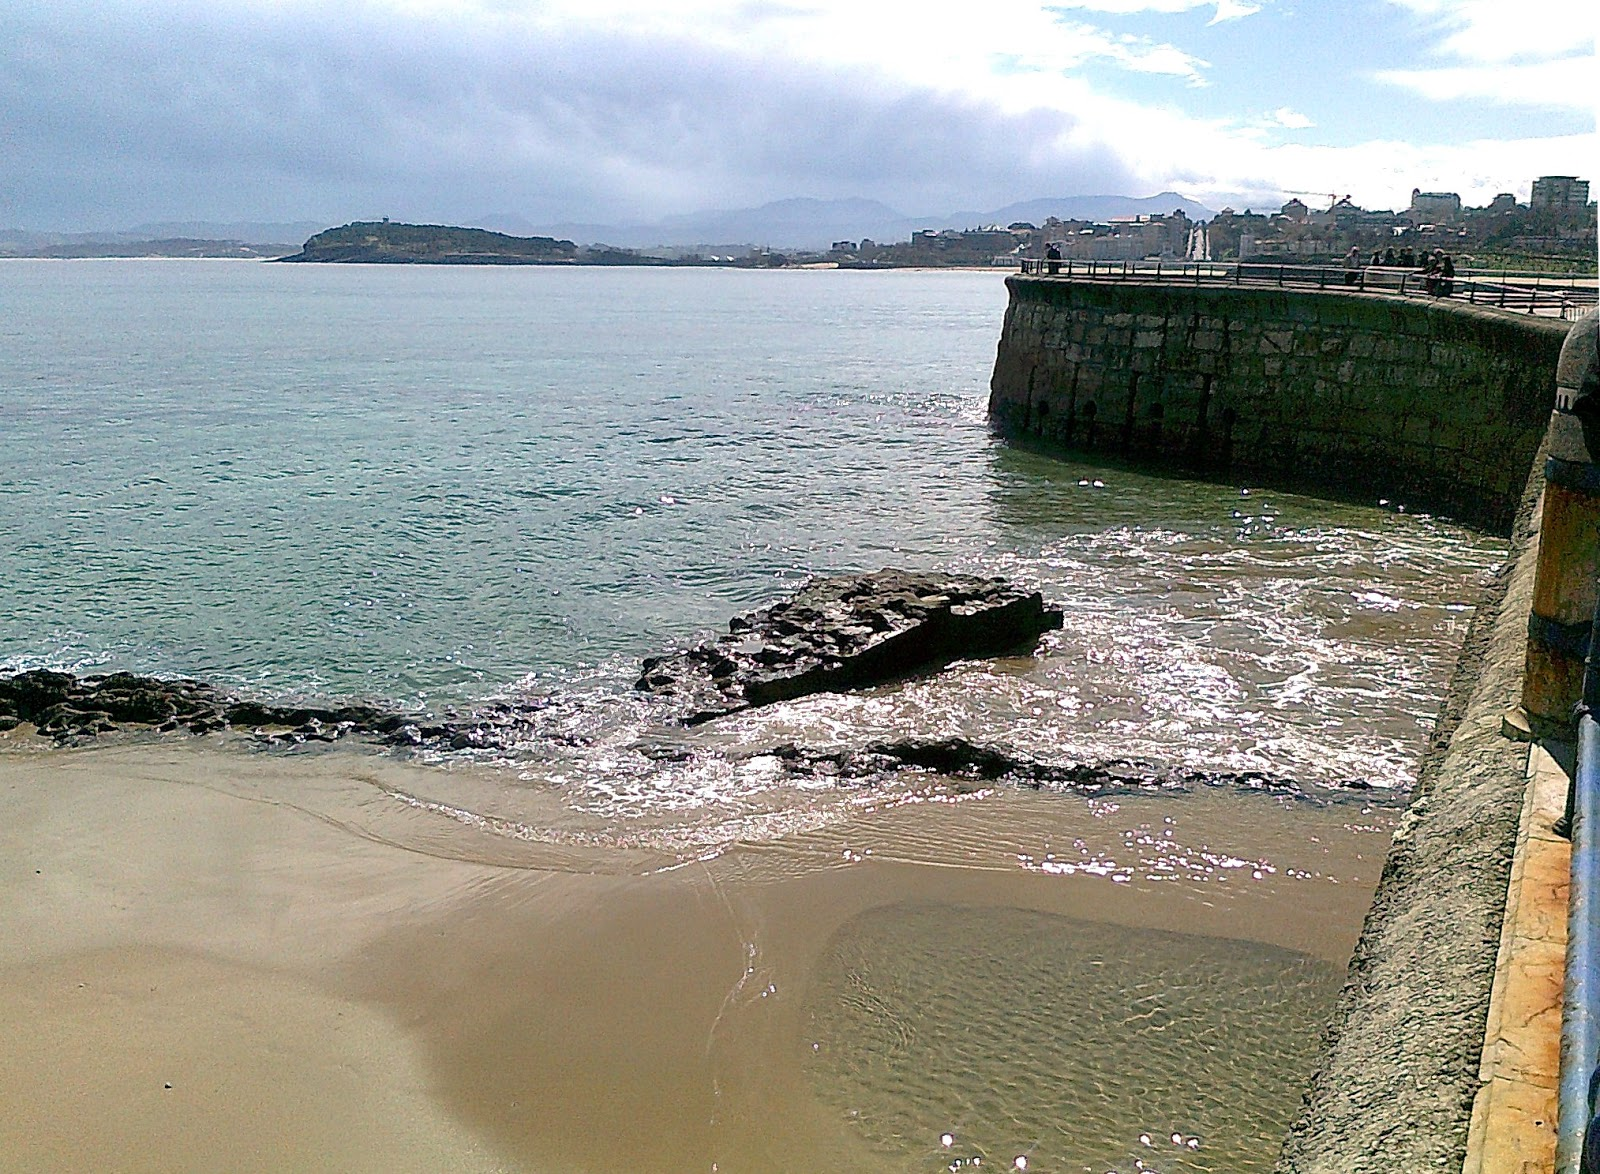 Playas y paseos por la costa rompeolas del chiqui en el sardinero - El chiqui santander ...